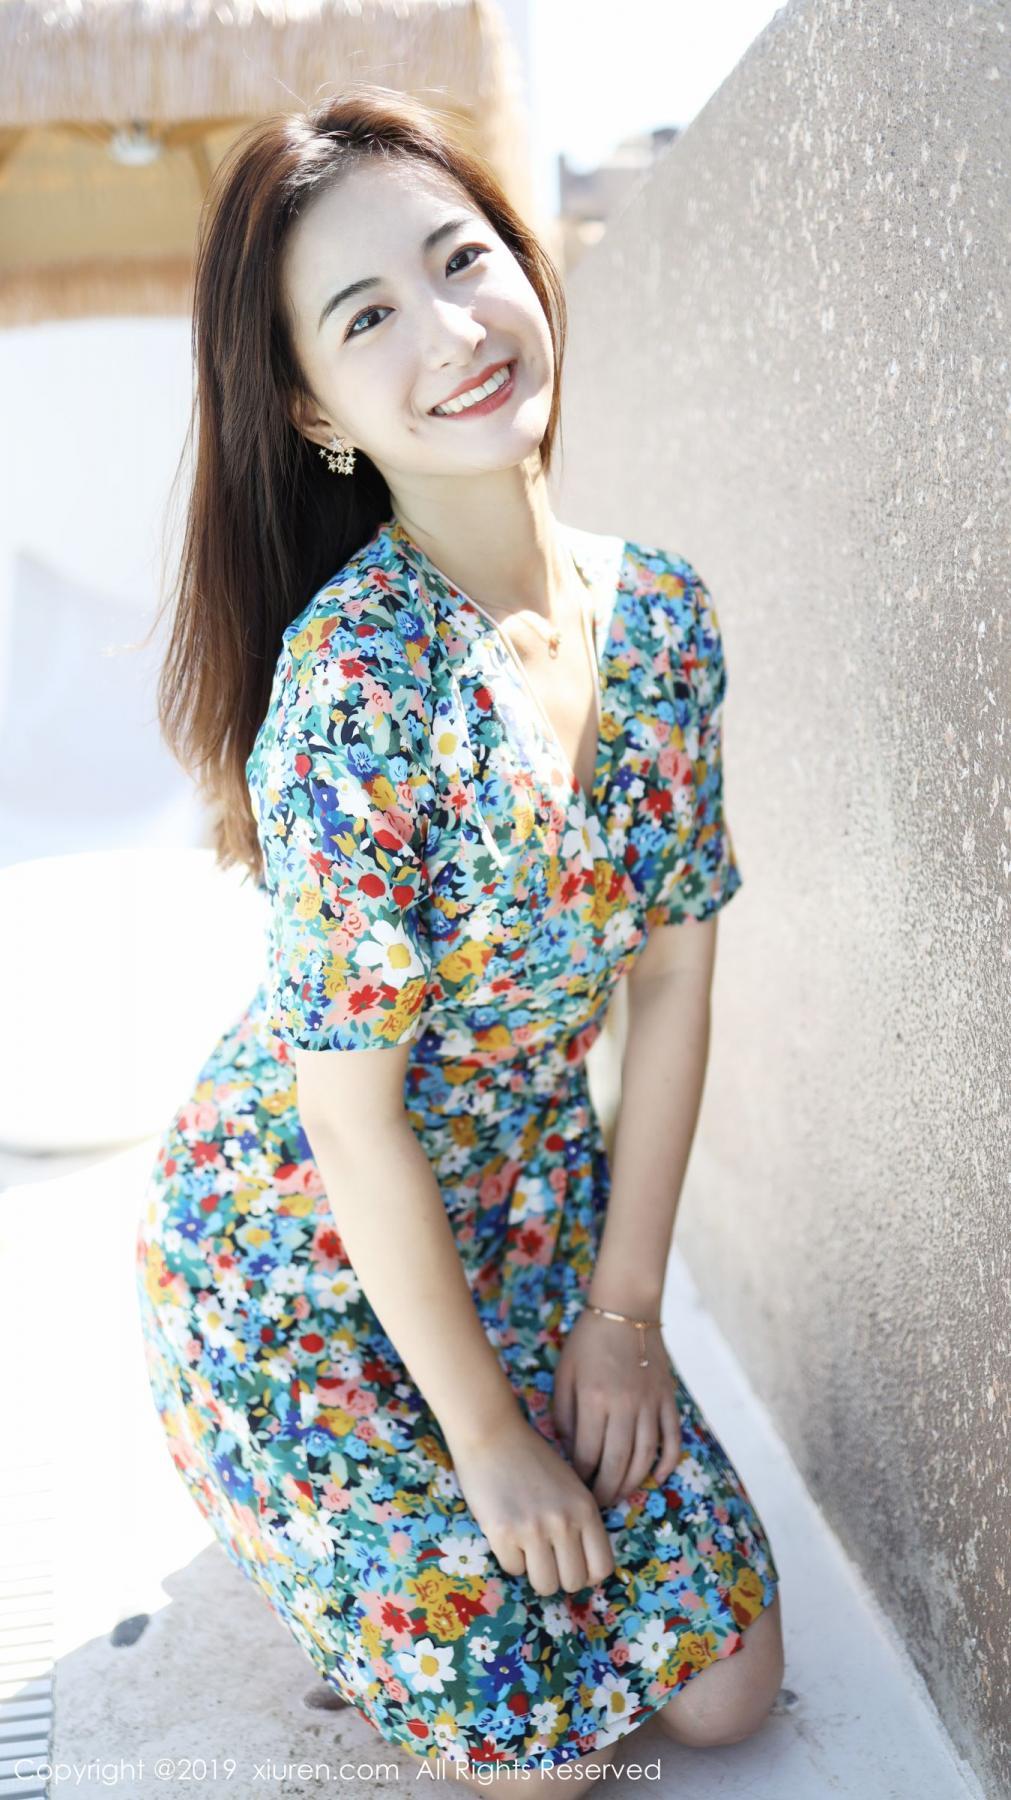 [XiuRen] Vol.1641 Gong Tian Yi 53P, Gong Tian Yi, Pretty, Temperament, Xiuren